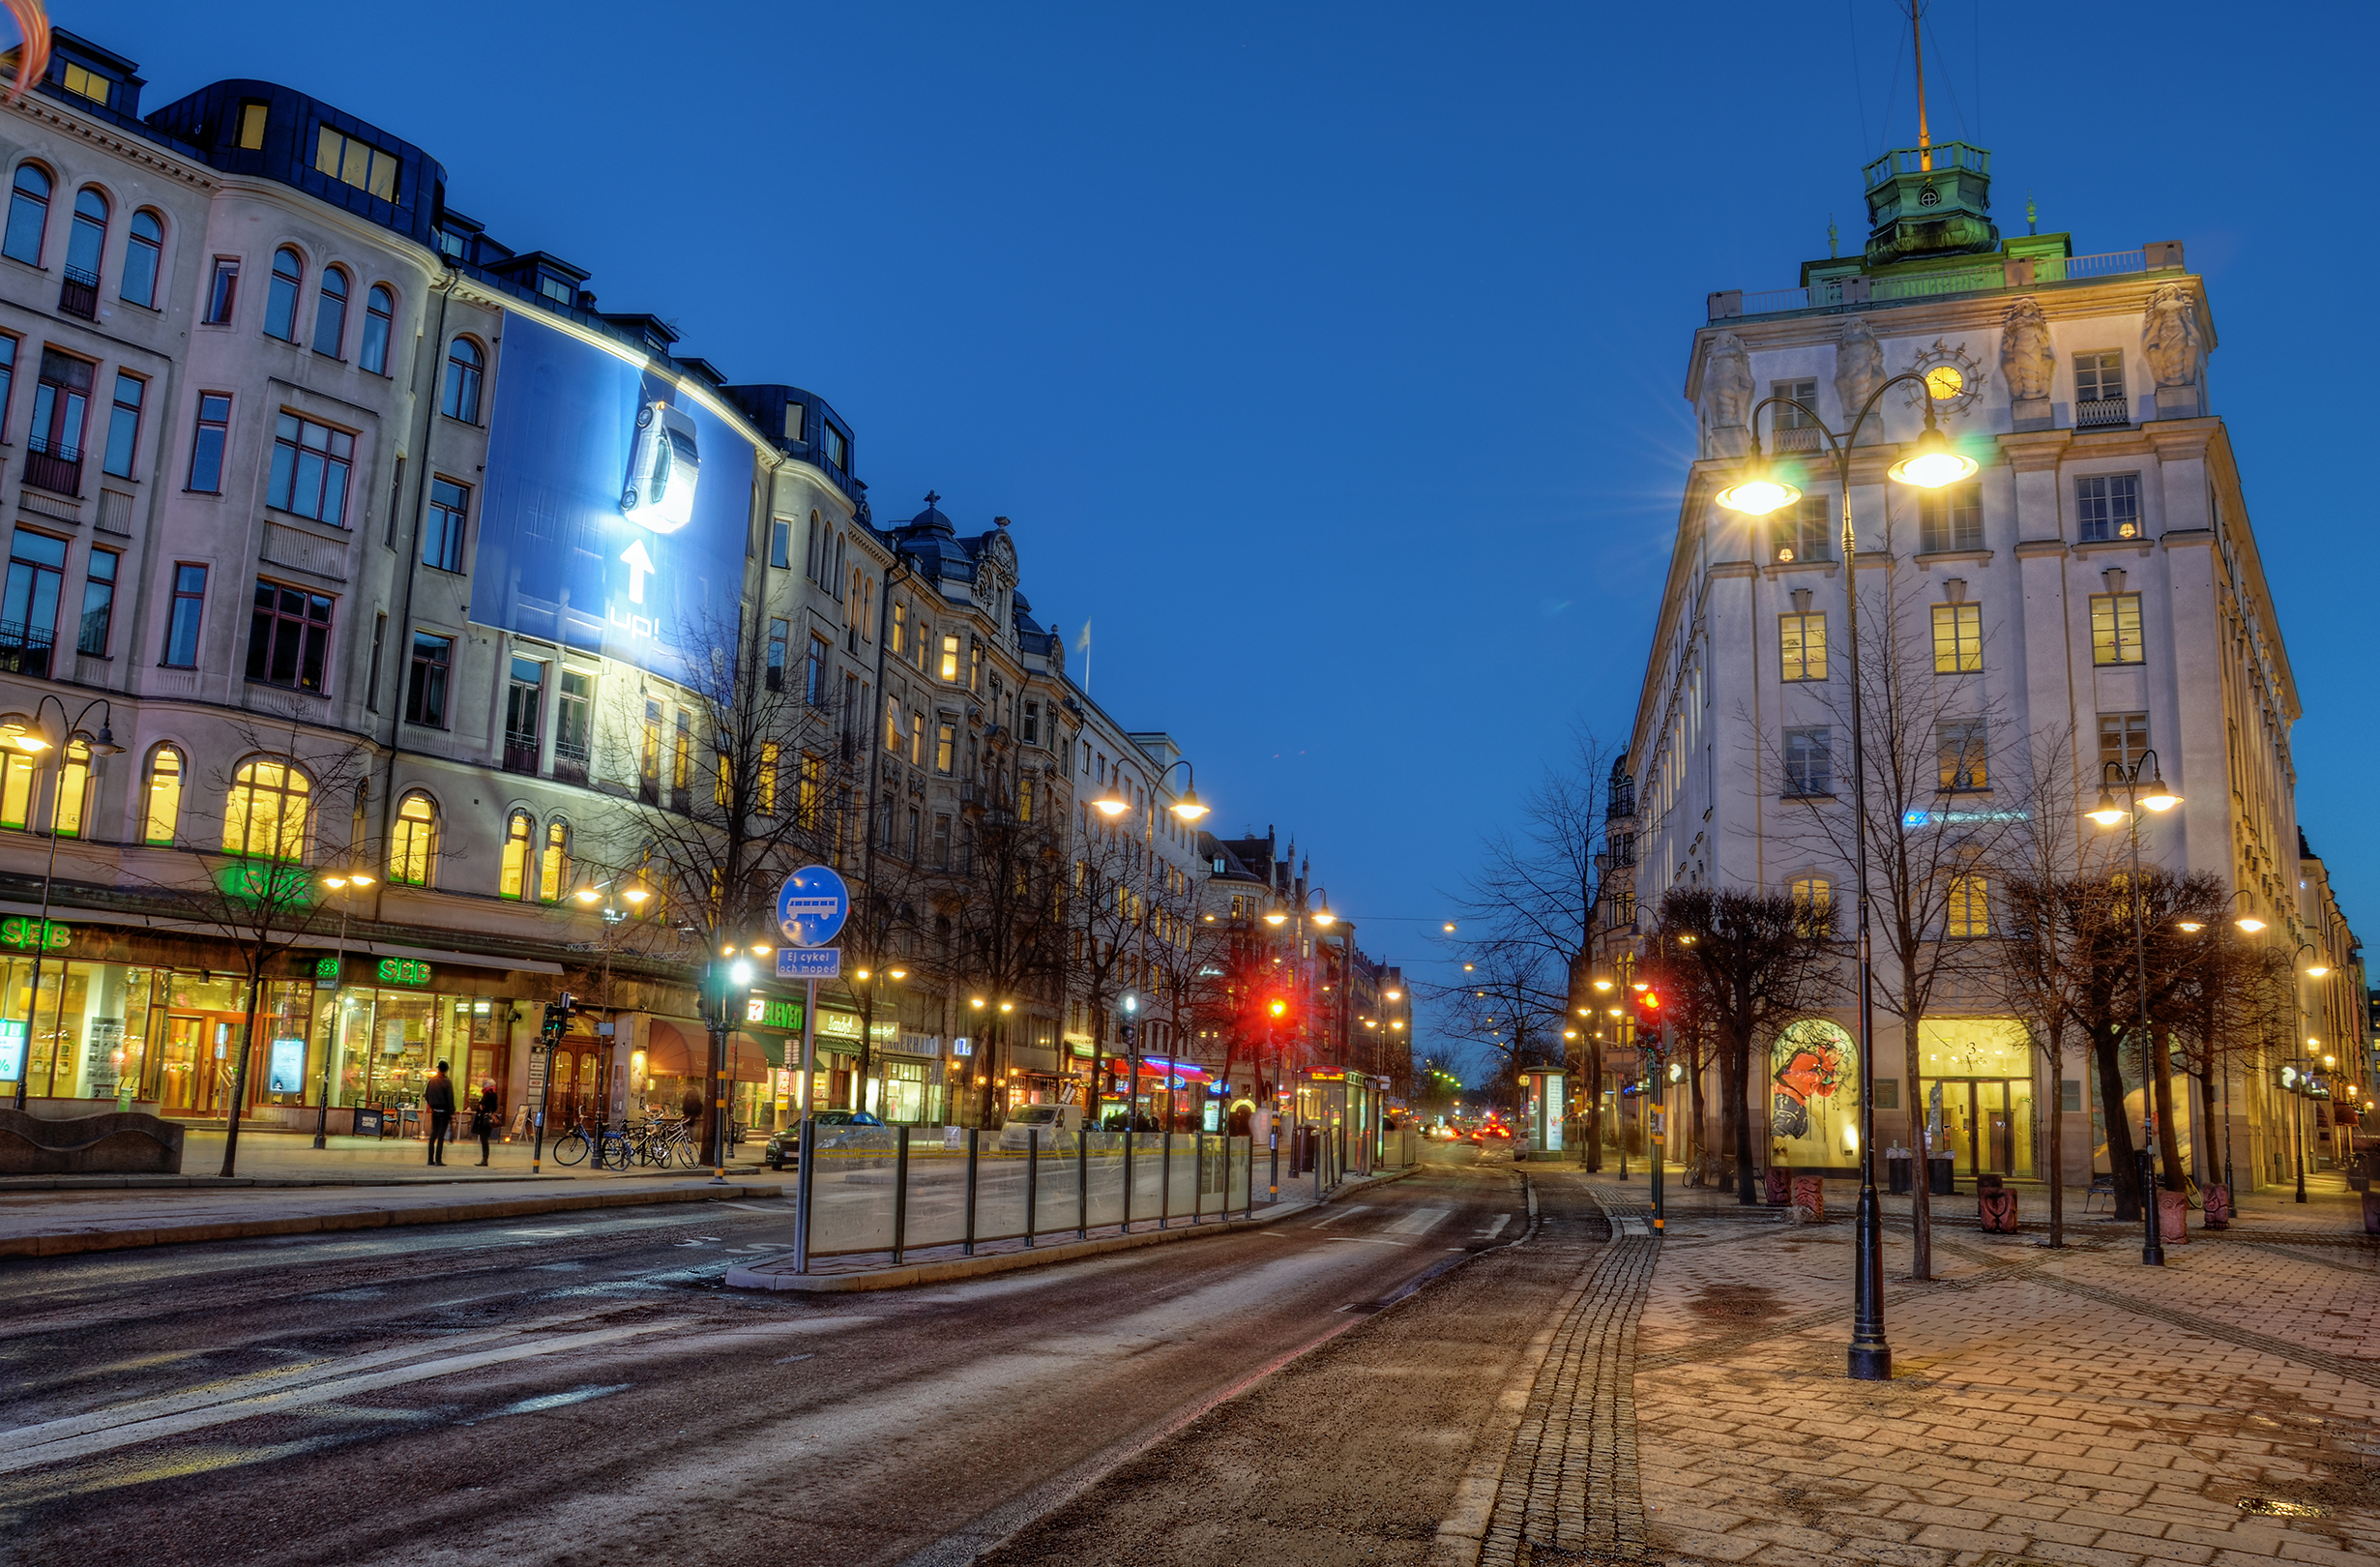 Sture Square II by HenrikSundholm